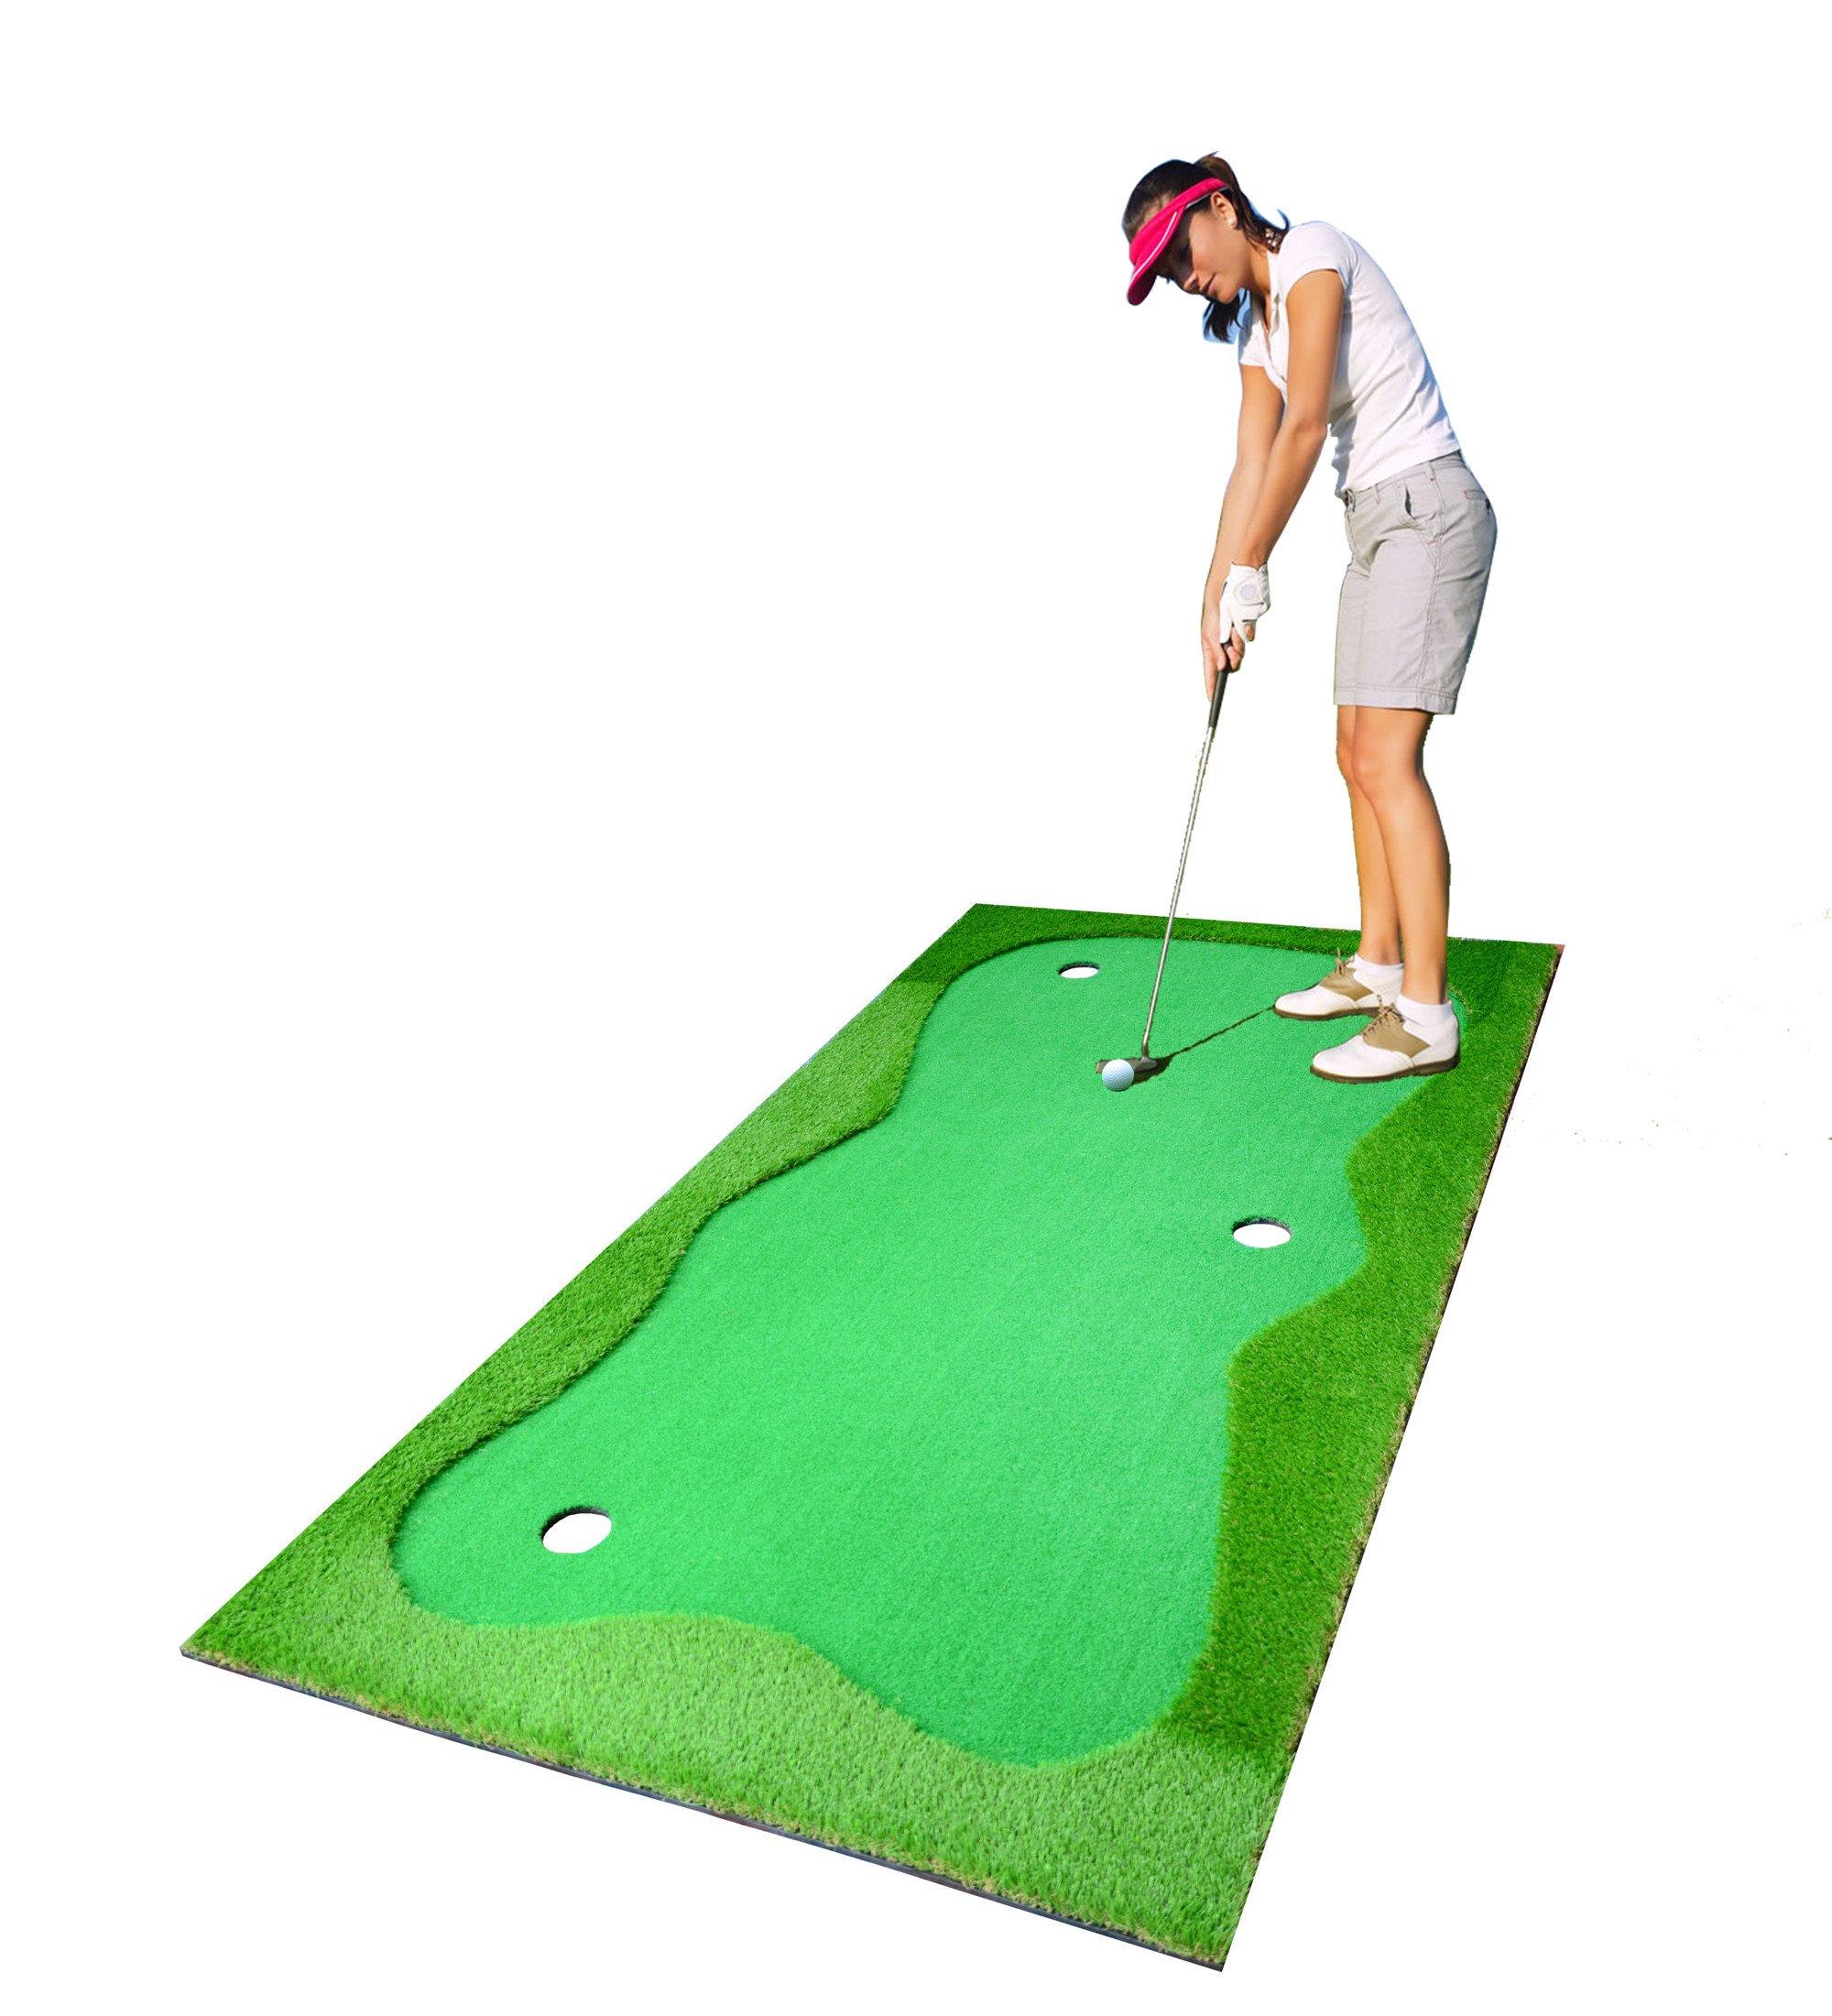 77tech Large Artificial Grass Golf Putting Green Mat Indoor/Outdoor Golf Training Aid Equipment Mat (3.3x10ft)